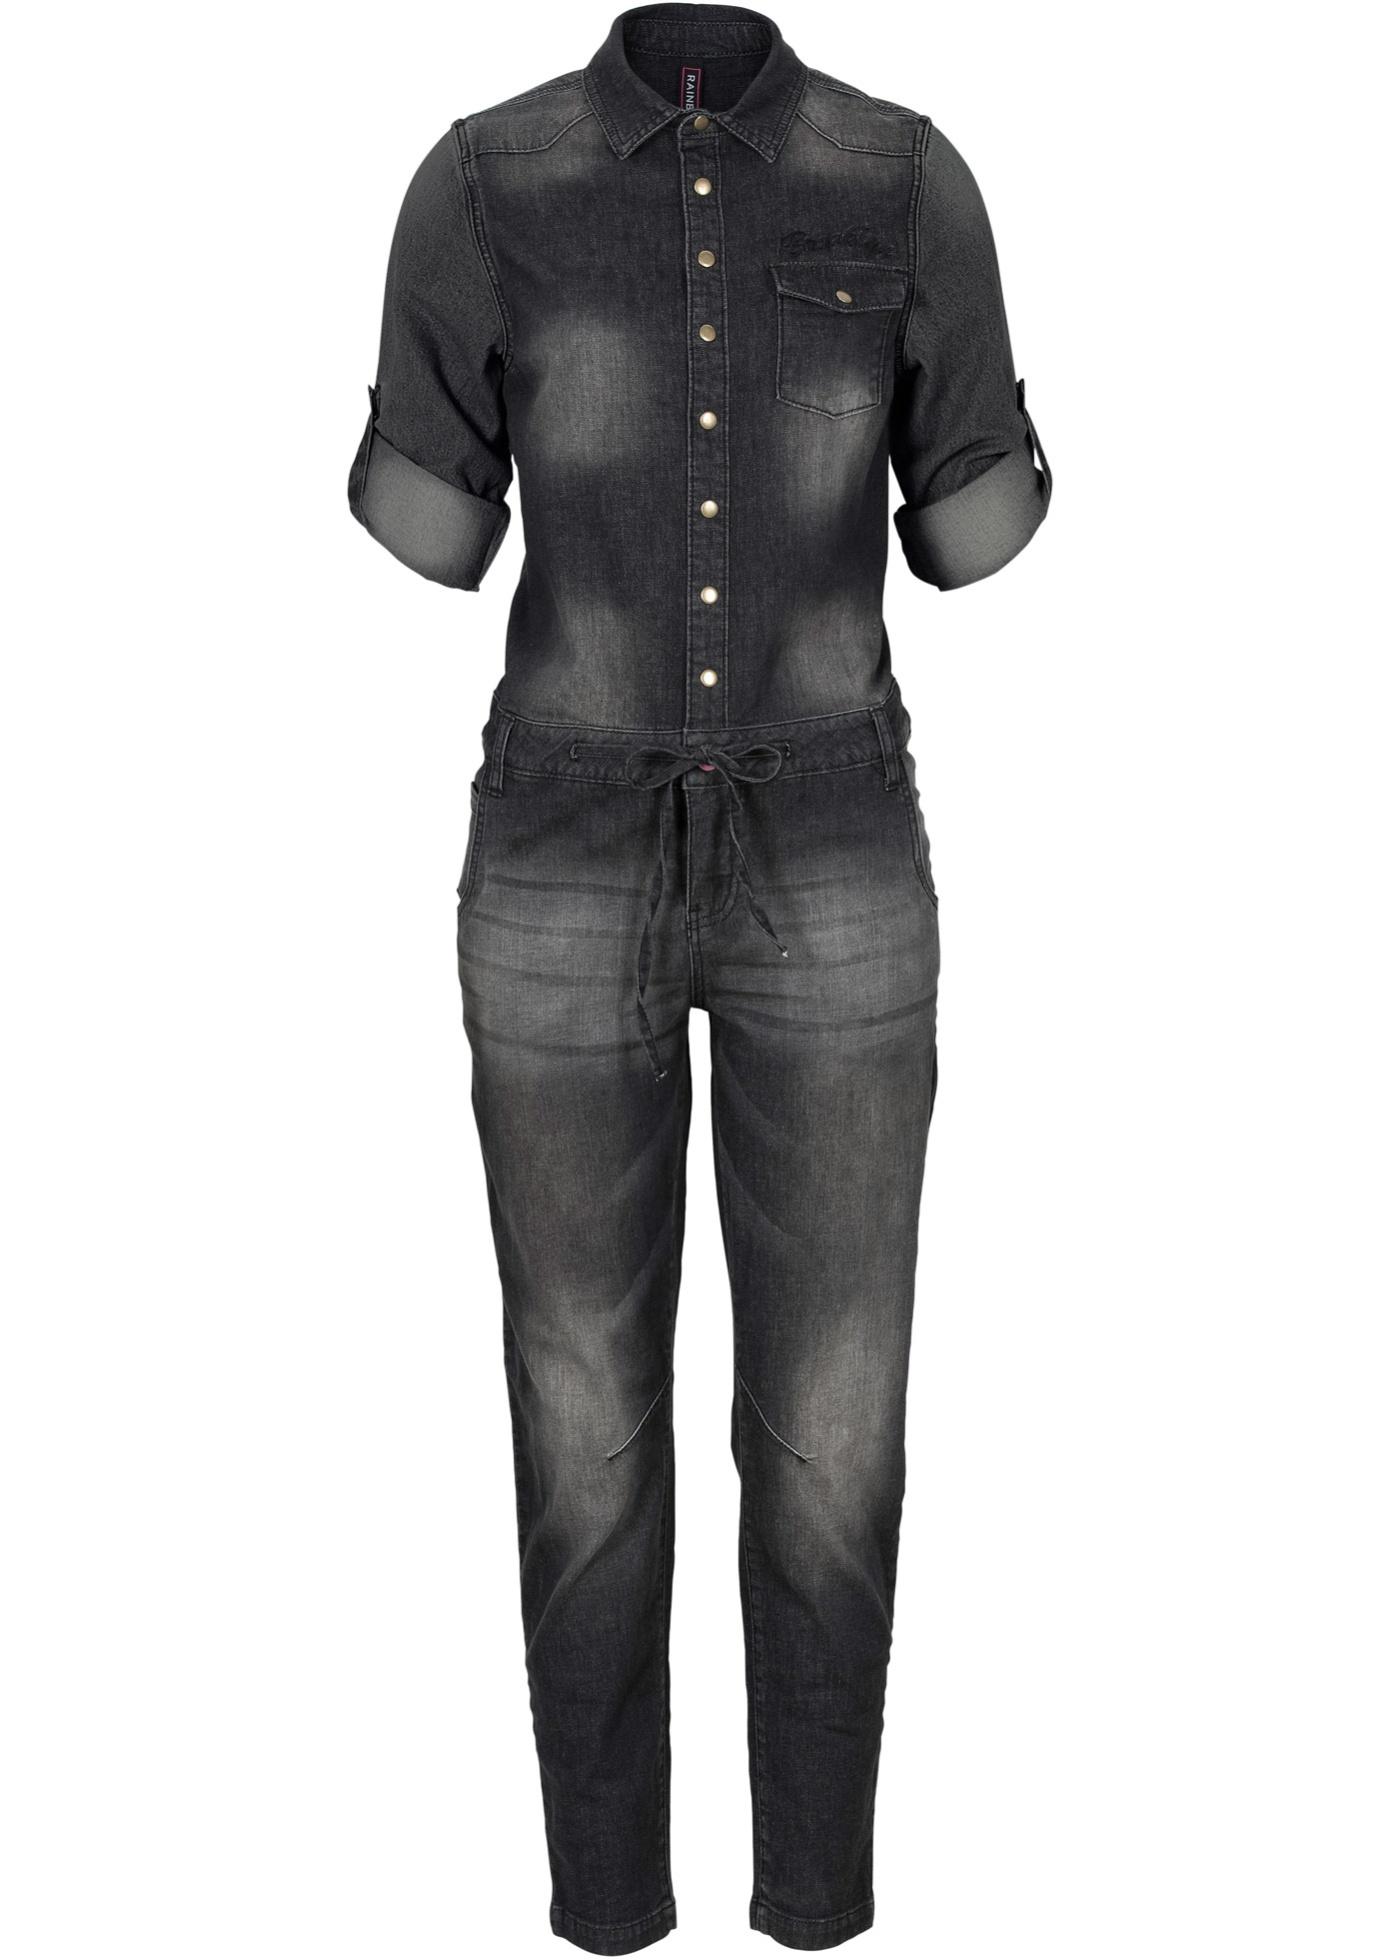 jeans overall preisvergleiche erfahrungsberichte und. Black Bedroom Furniture Sets. Home Design Ideas